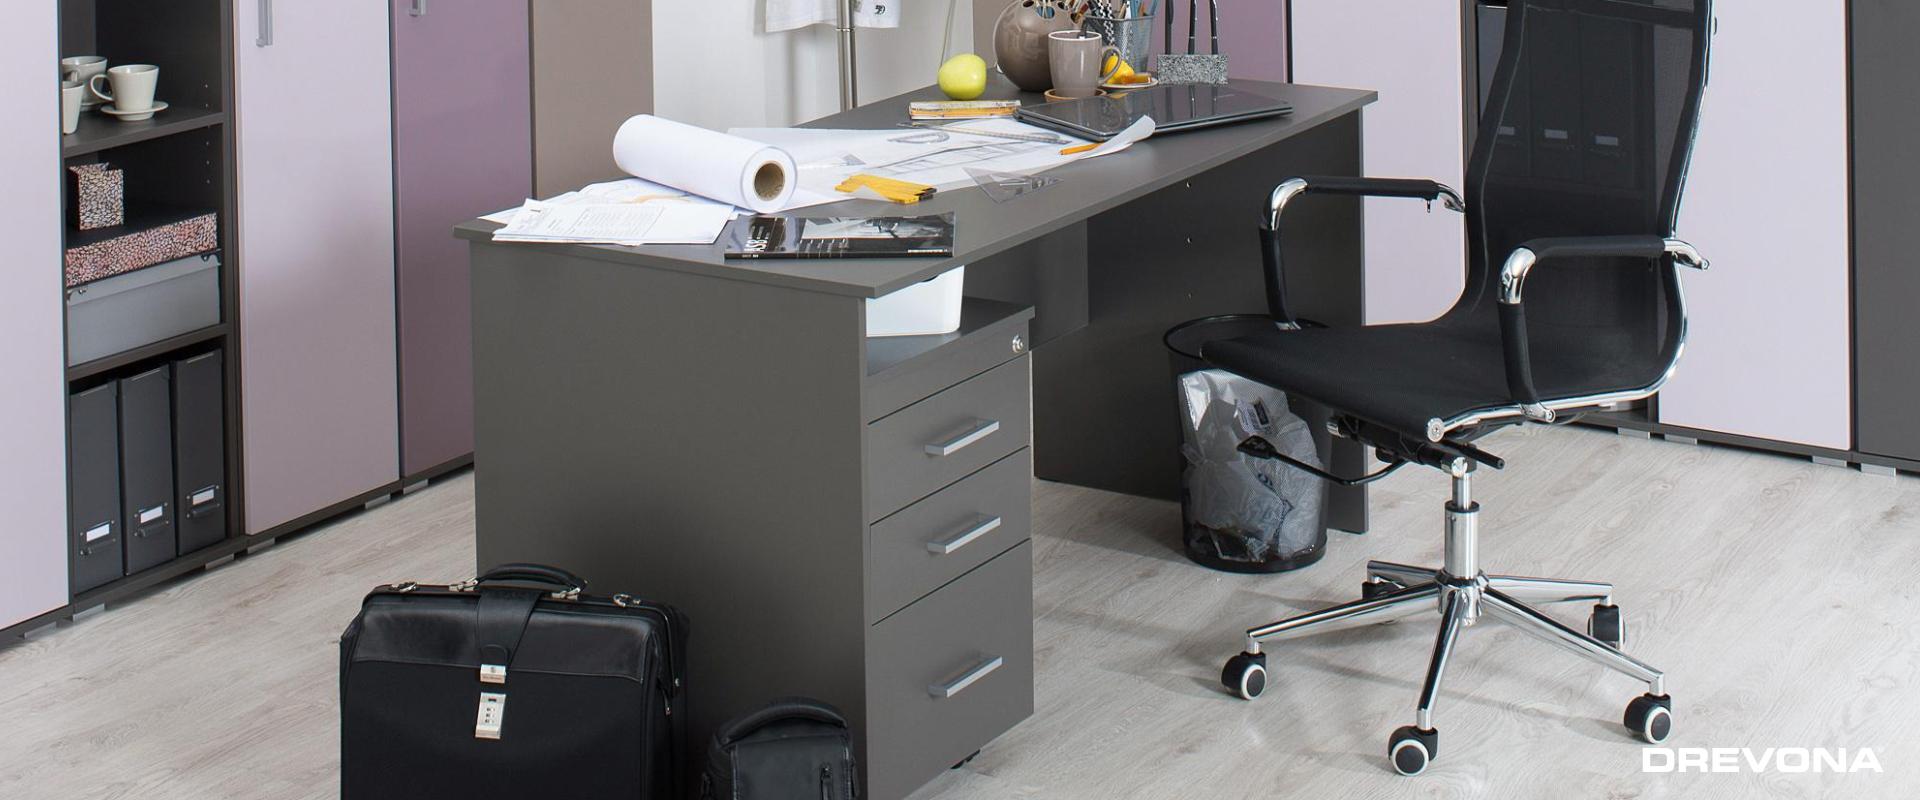 Kancelárske stoly REA OFFICE - slide 2